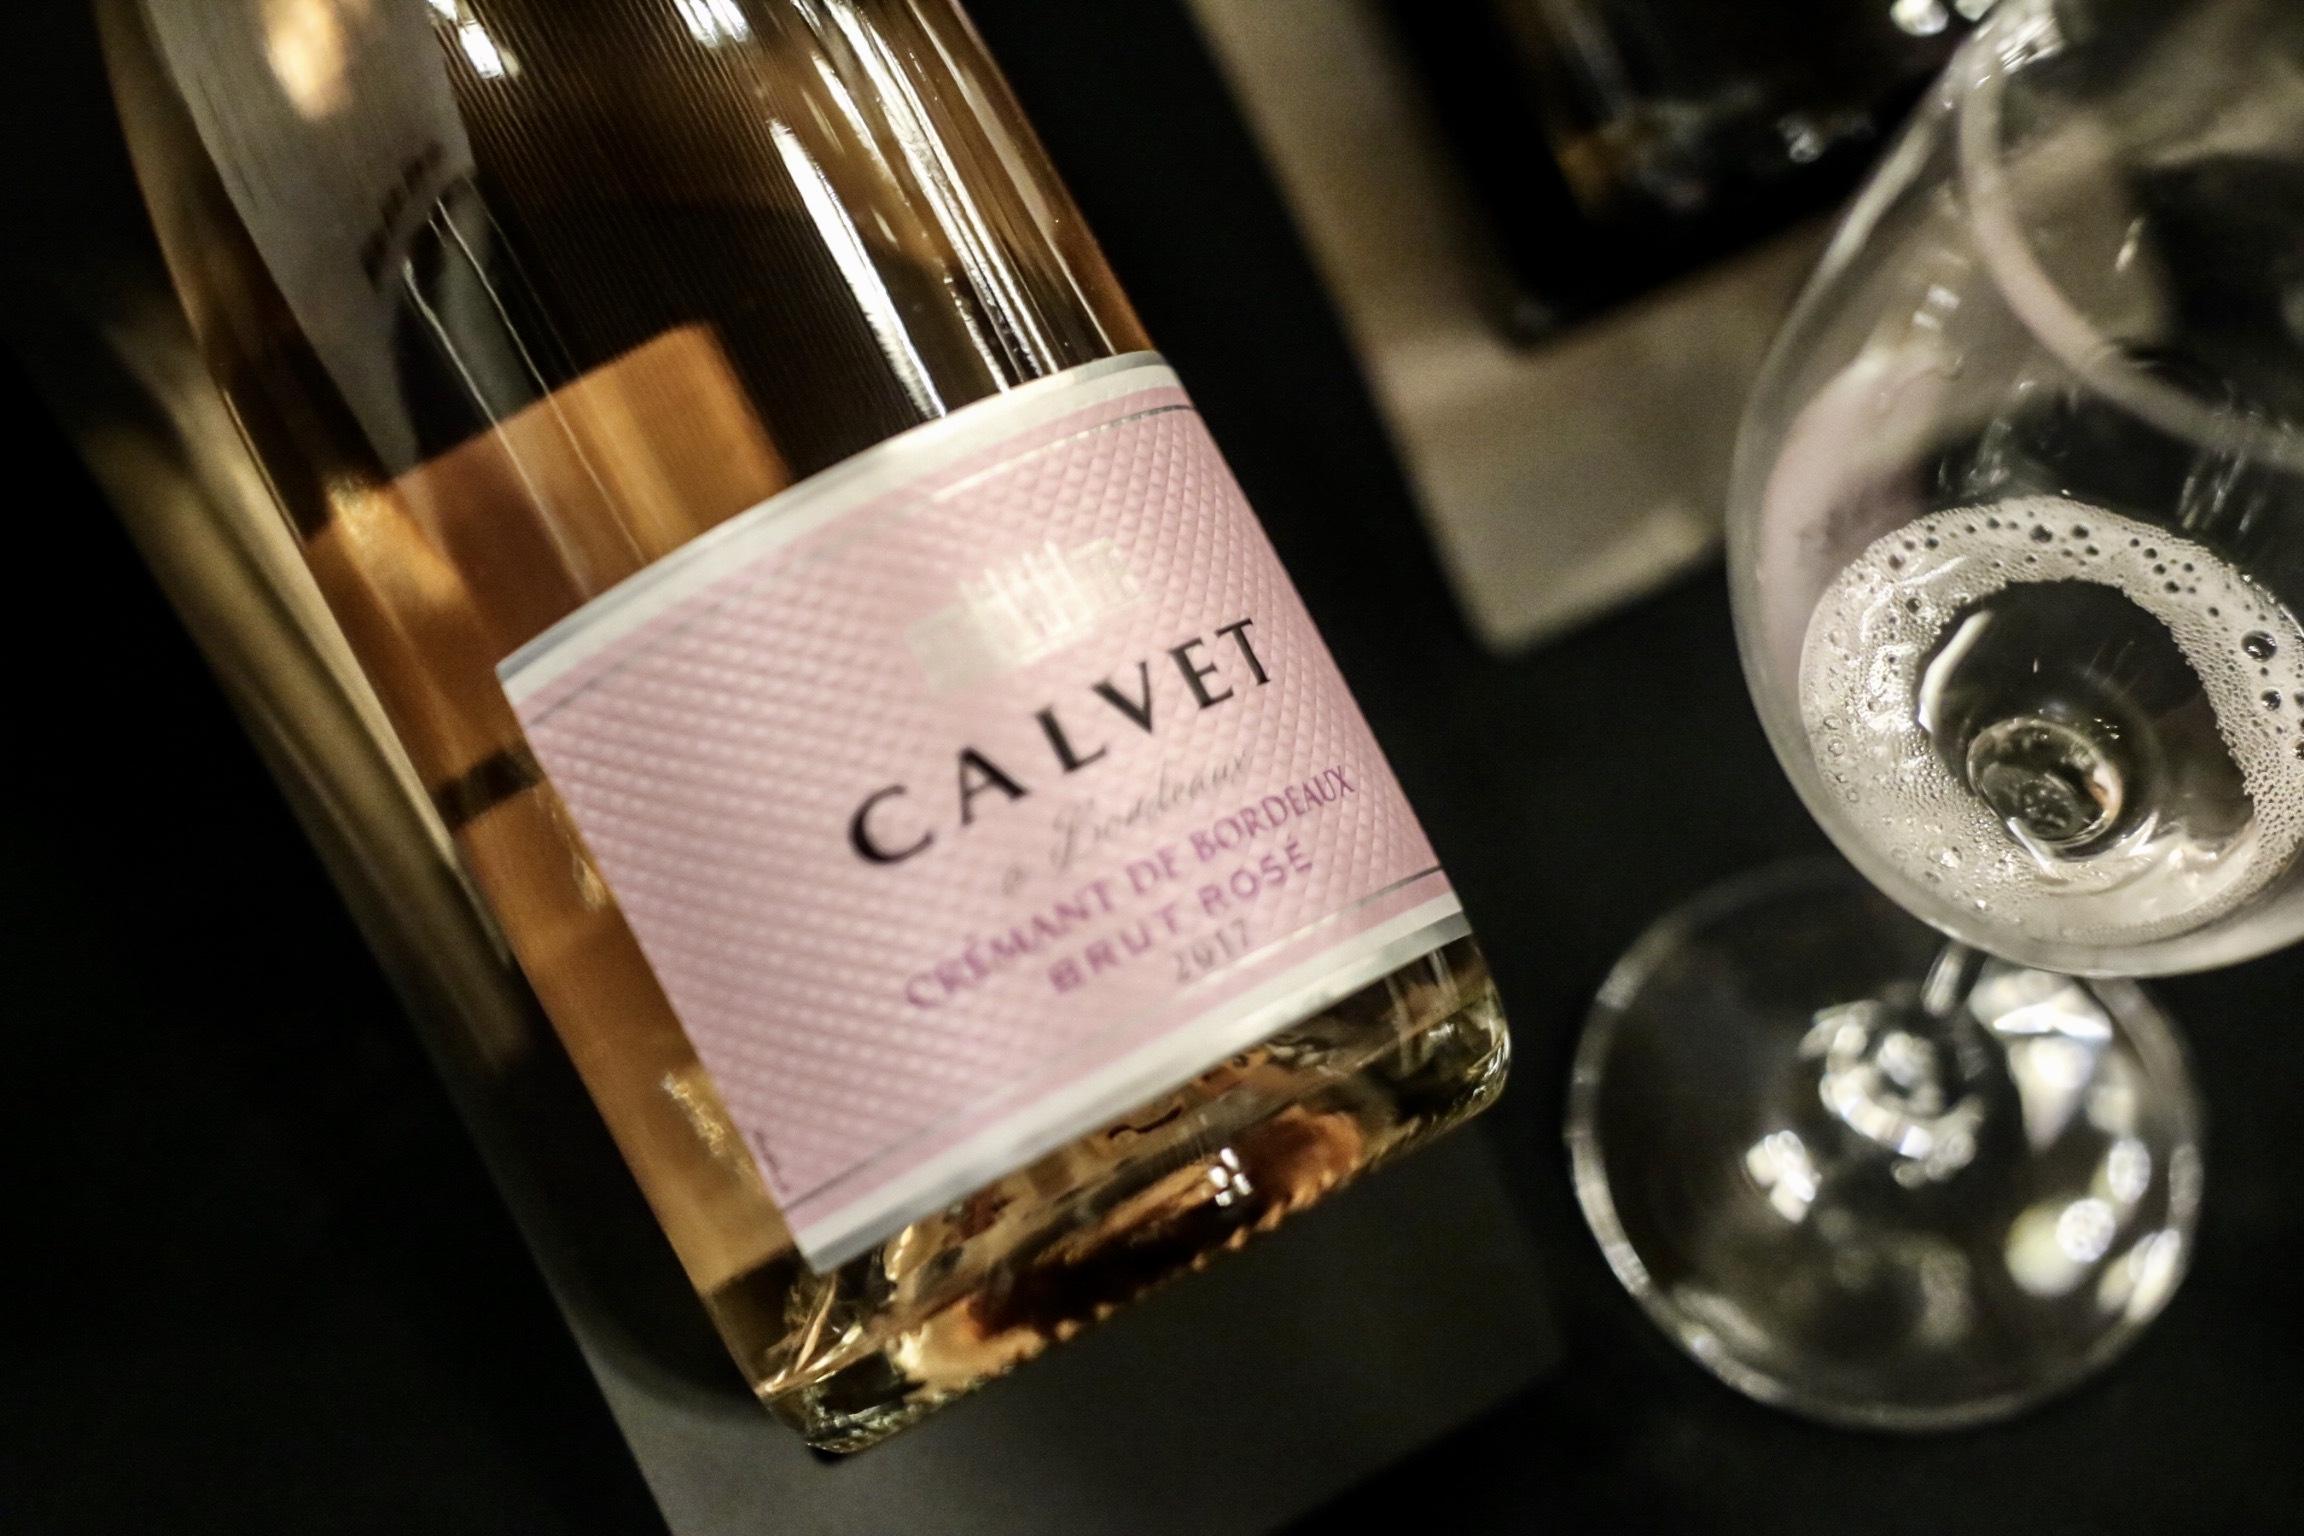 Calvet Cremant de Bordeaux Brut Rose, France